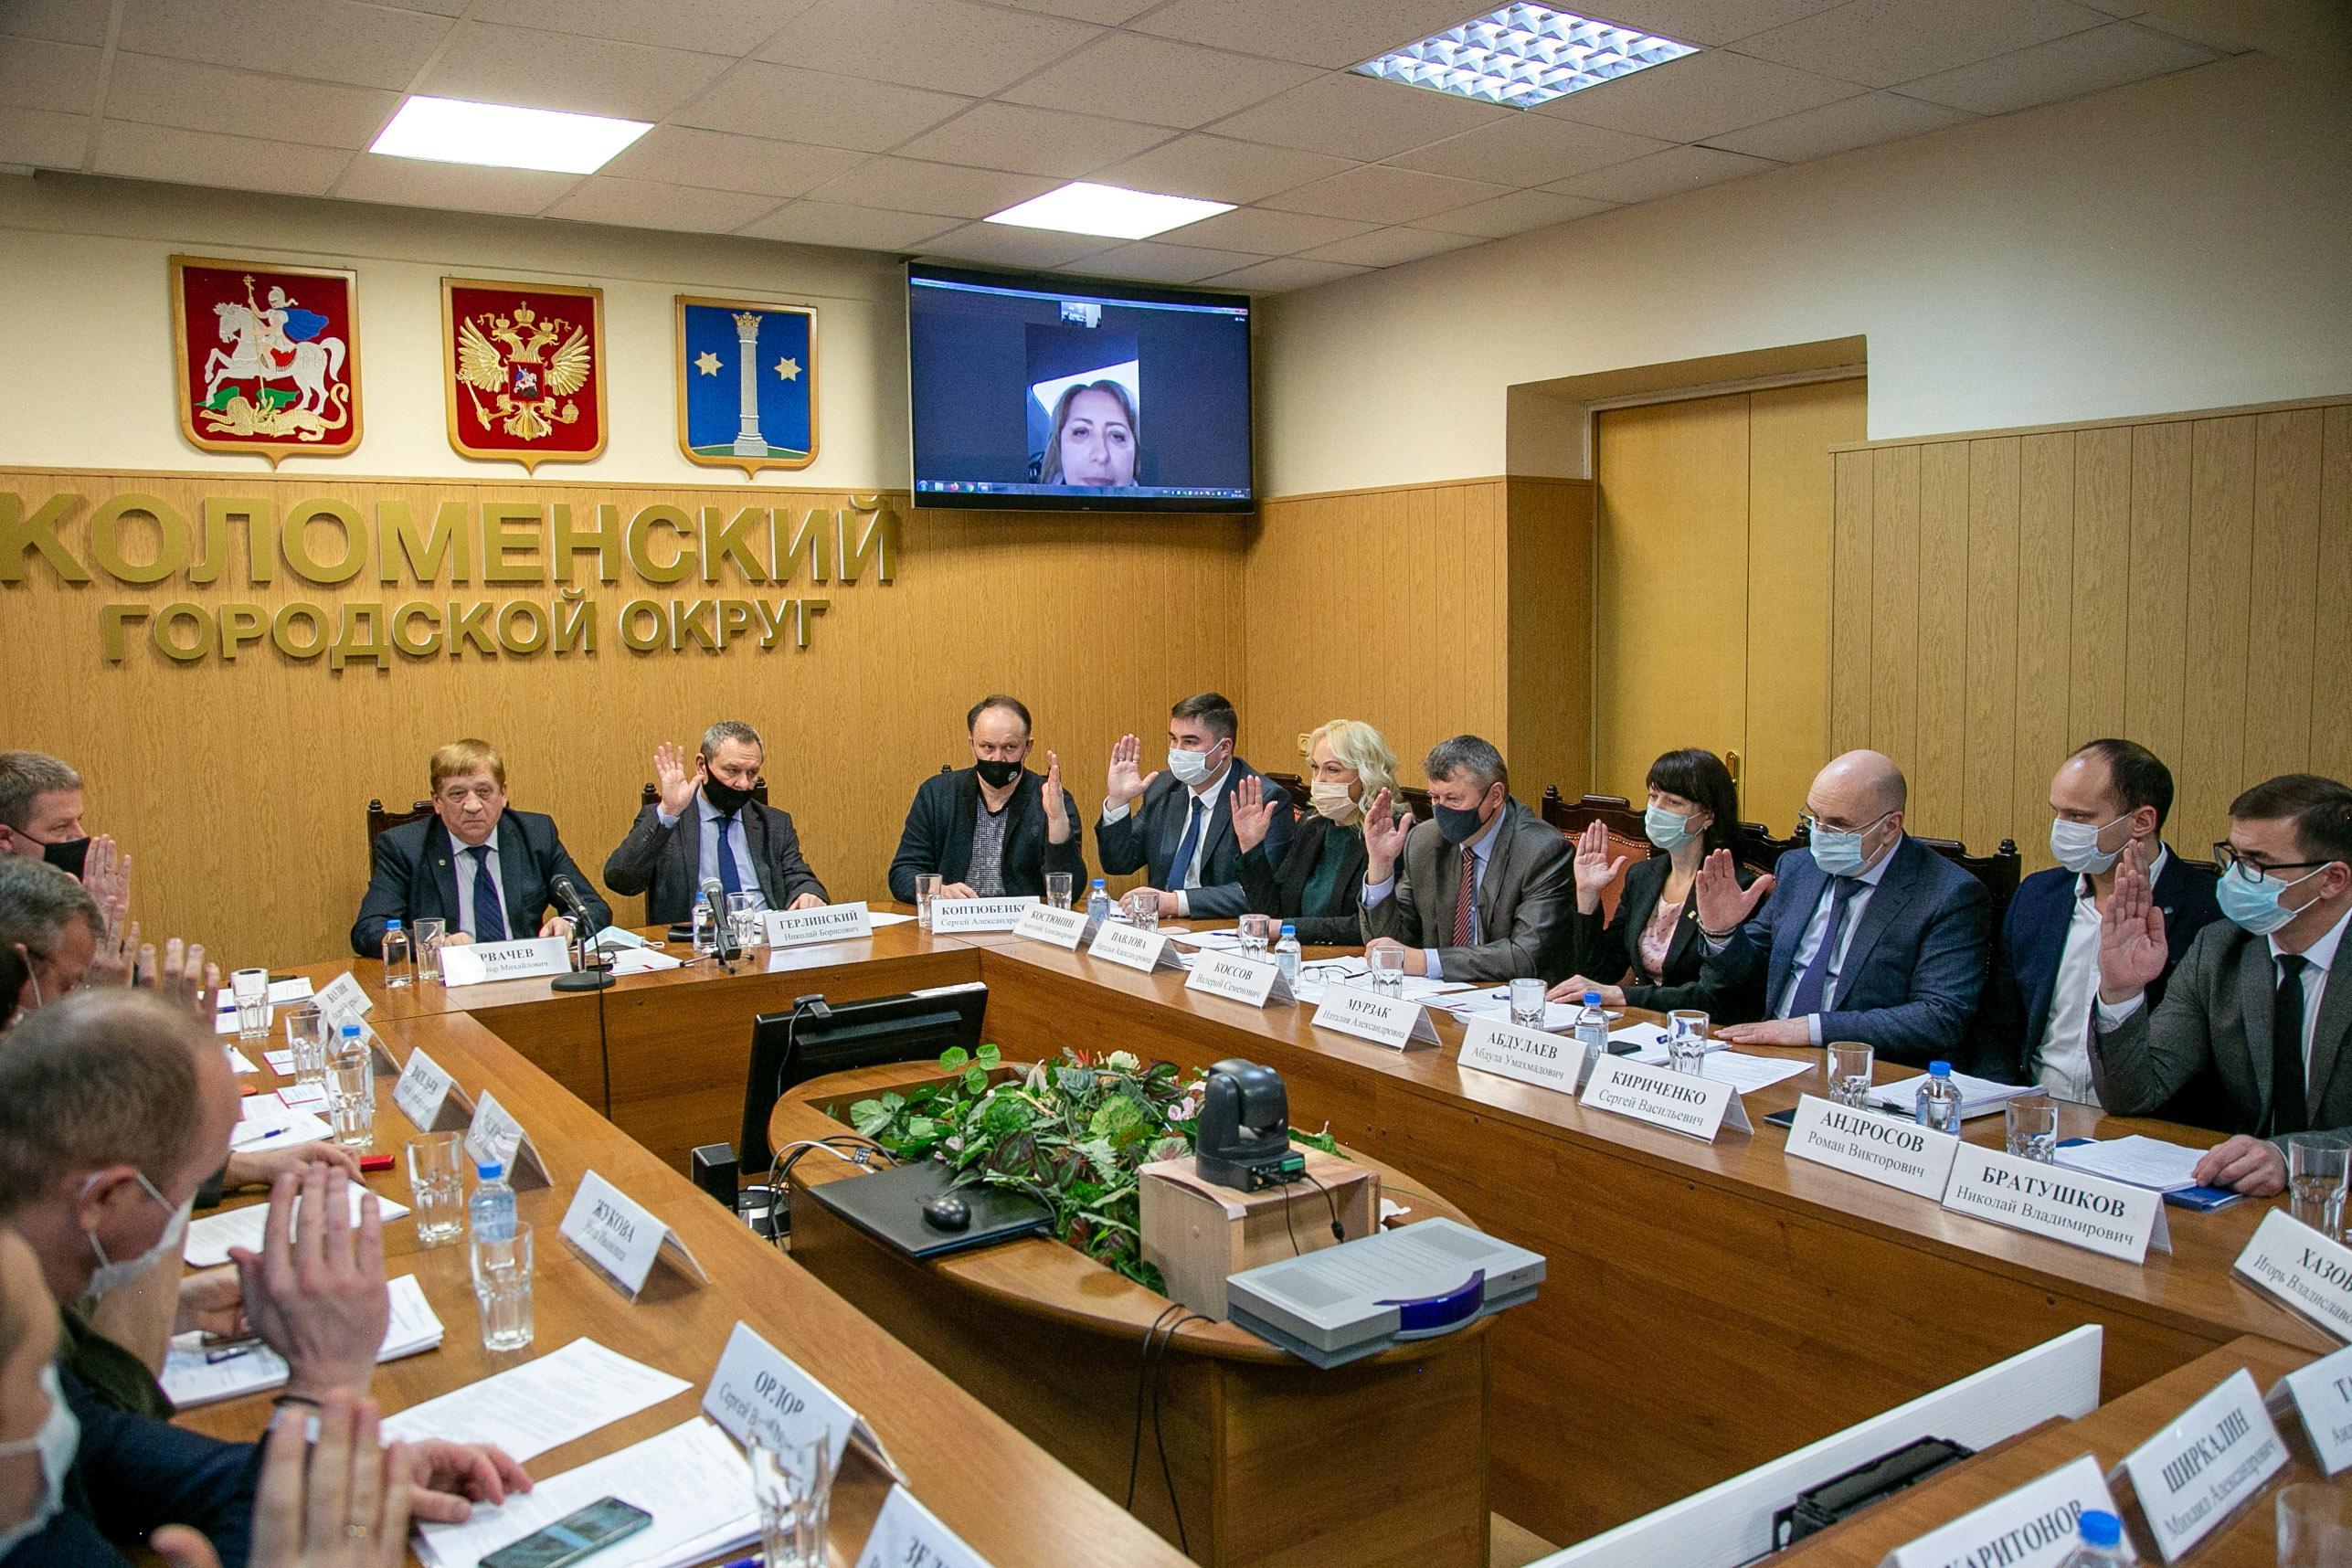 1611997180 ea6q8790 - Новый Совет депутатов Коломны провел первое заседание